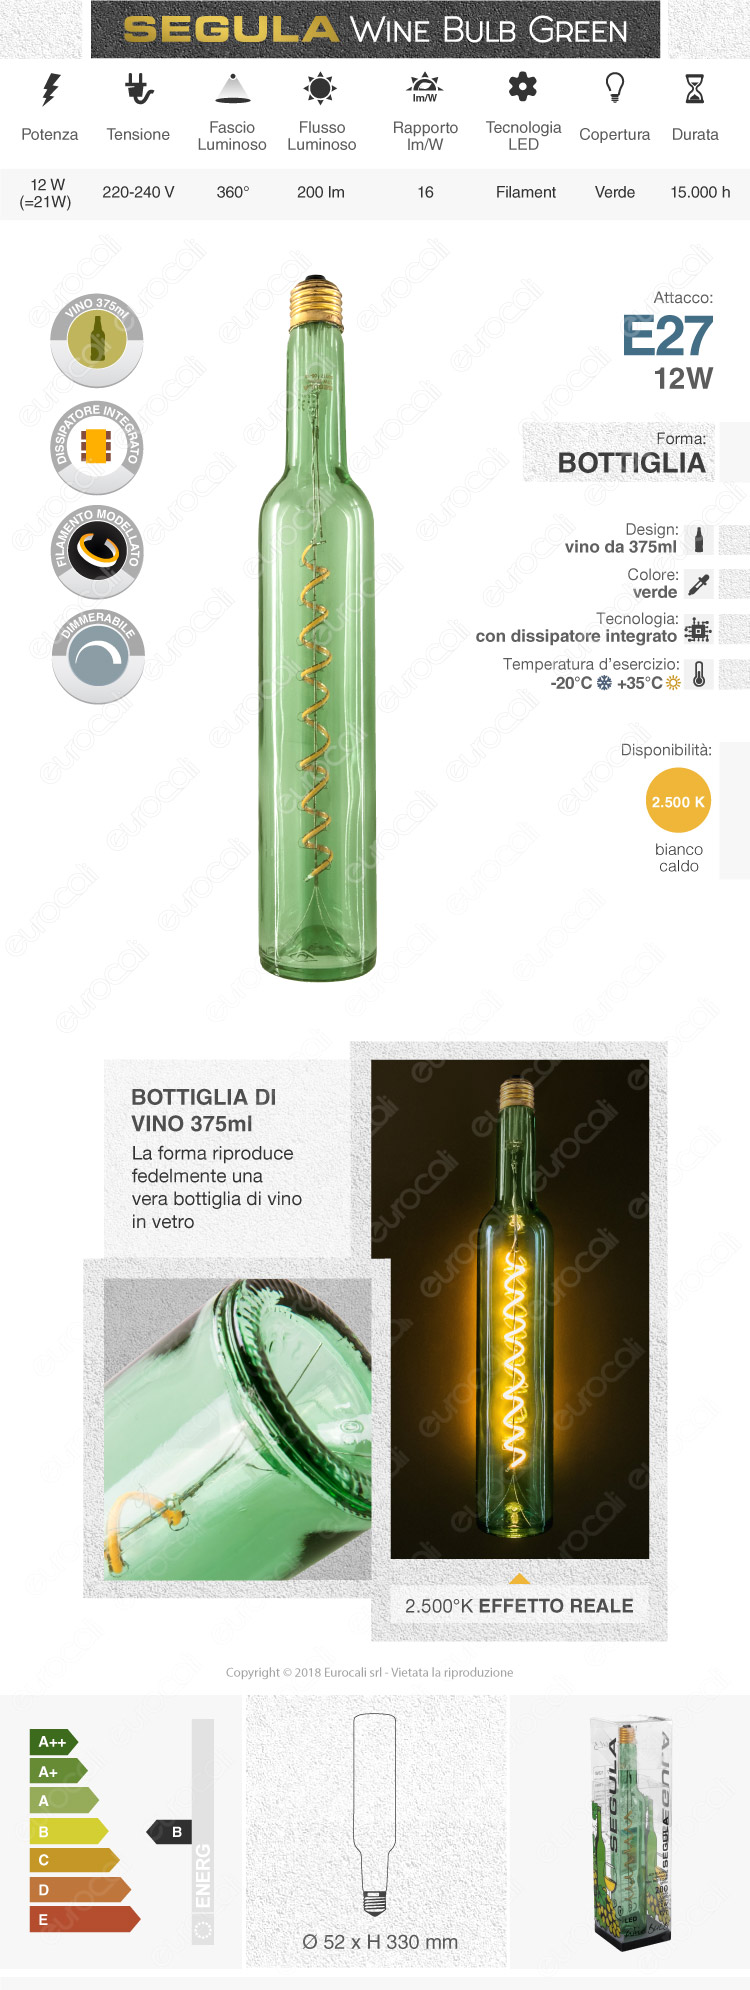 lampada led e27 segula forma bottiglia 12W